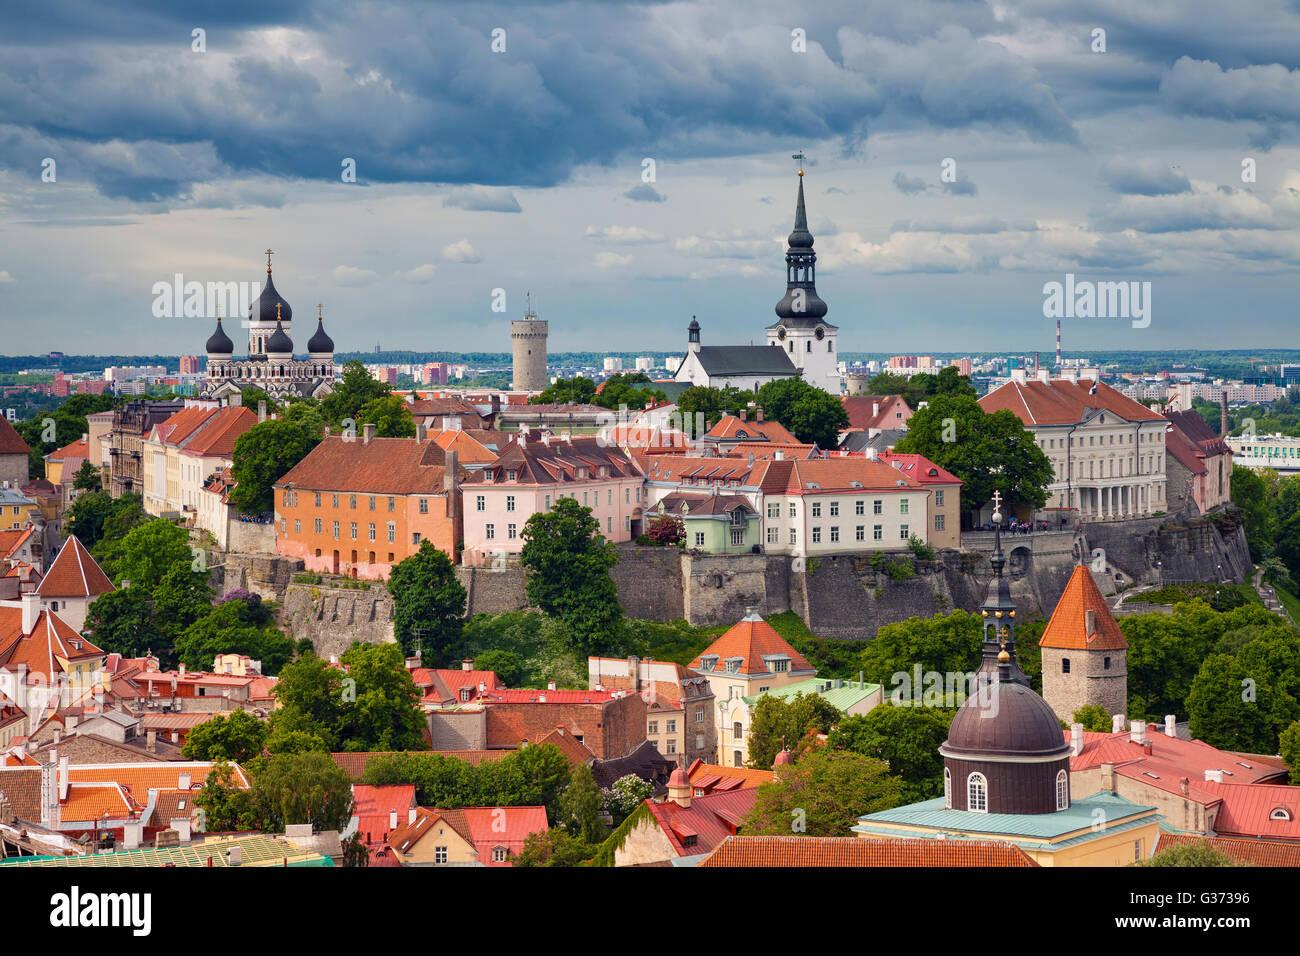 Tallinn. Aerial image of Old Town Tallinn in Estonia. Stock Photo